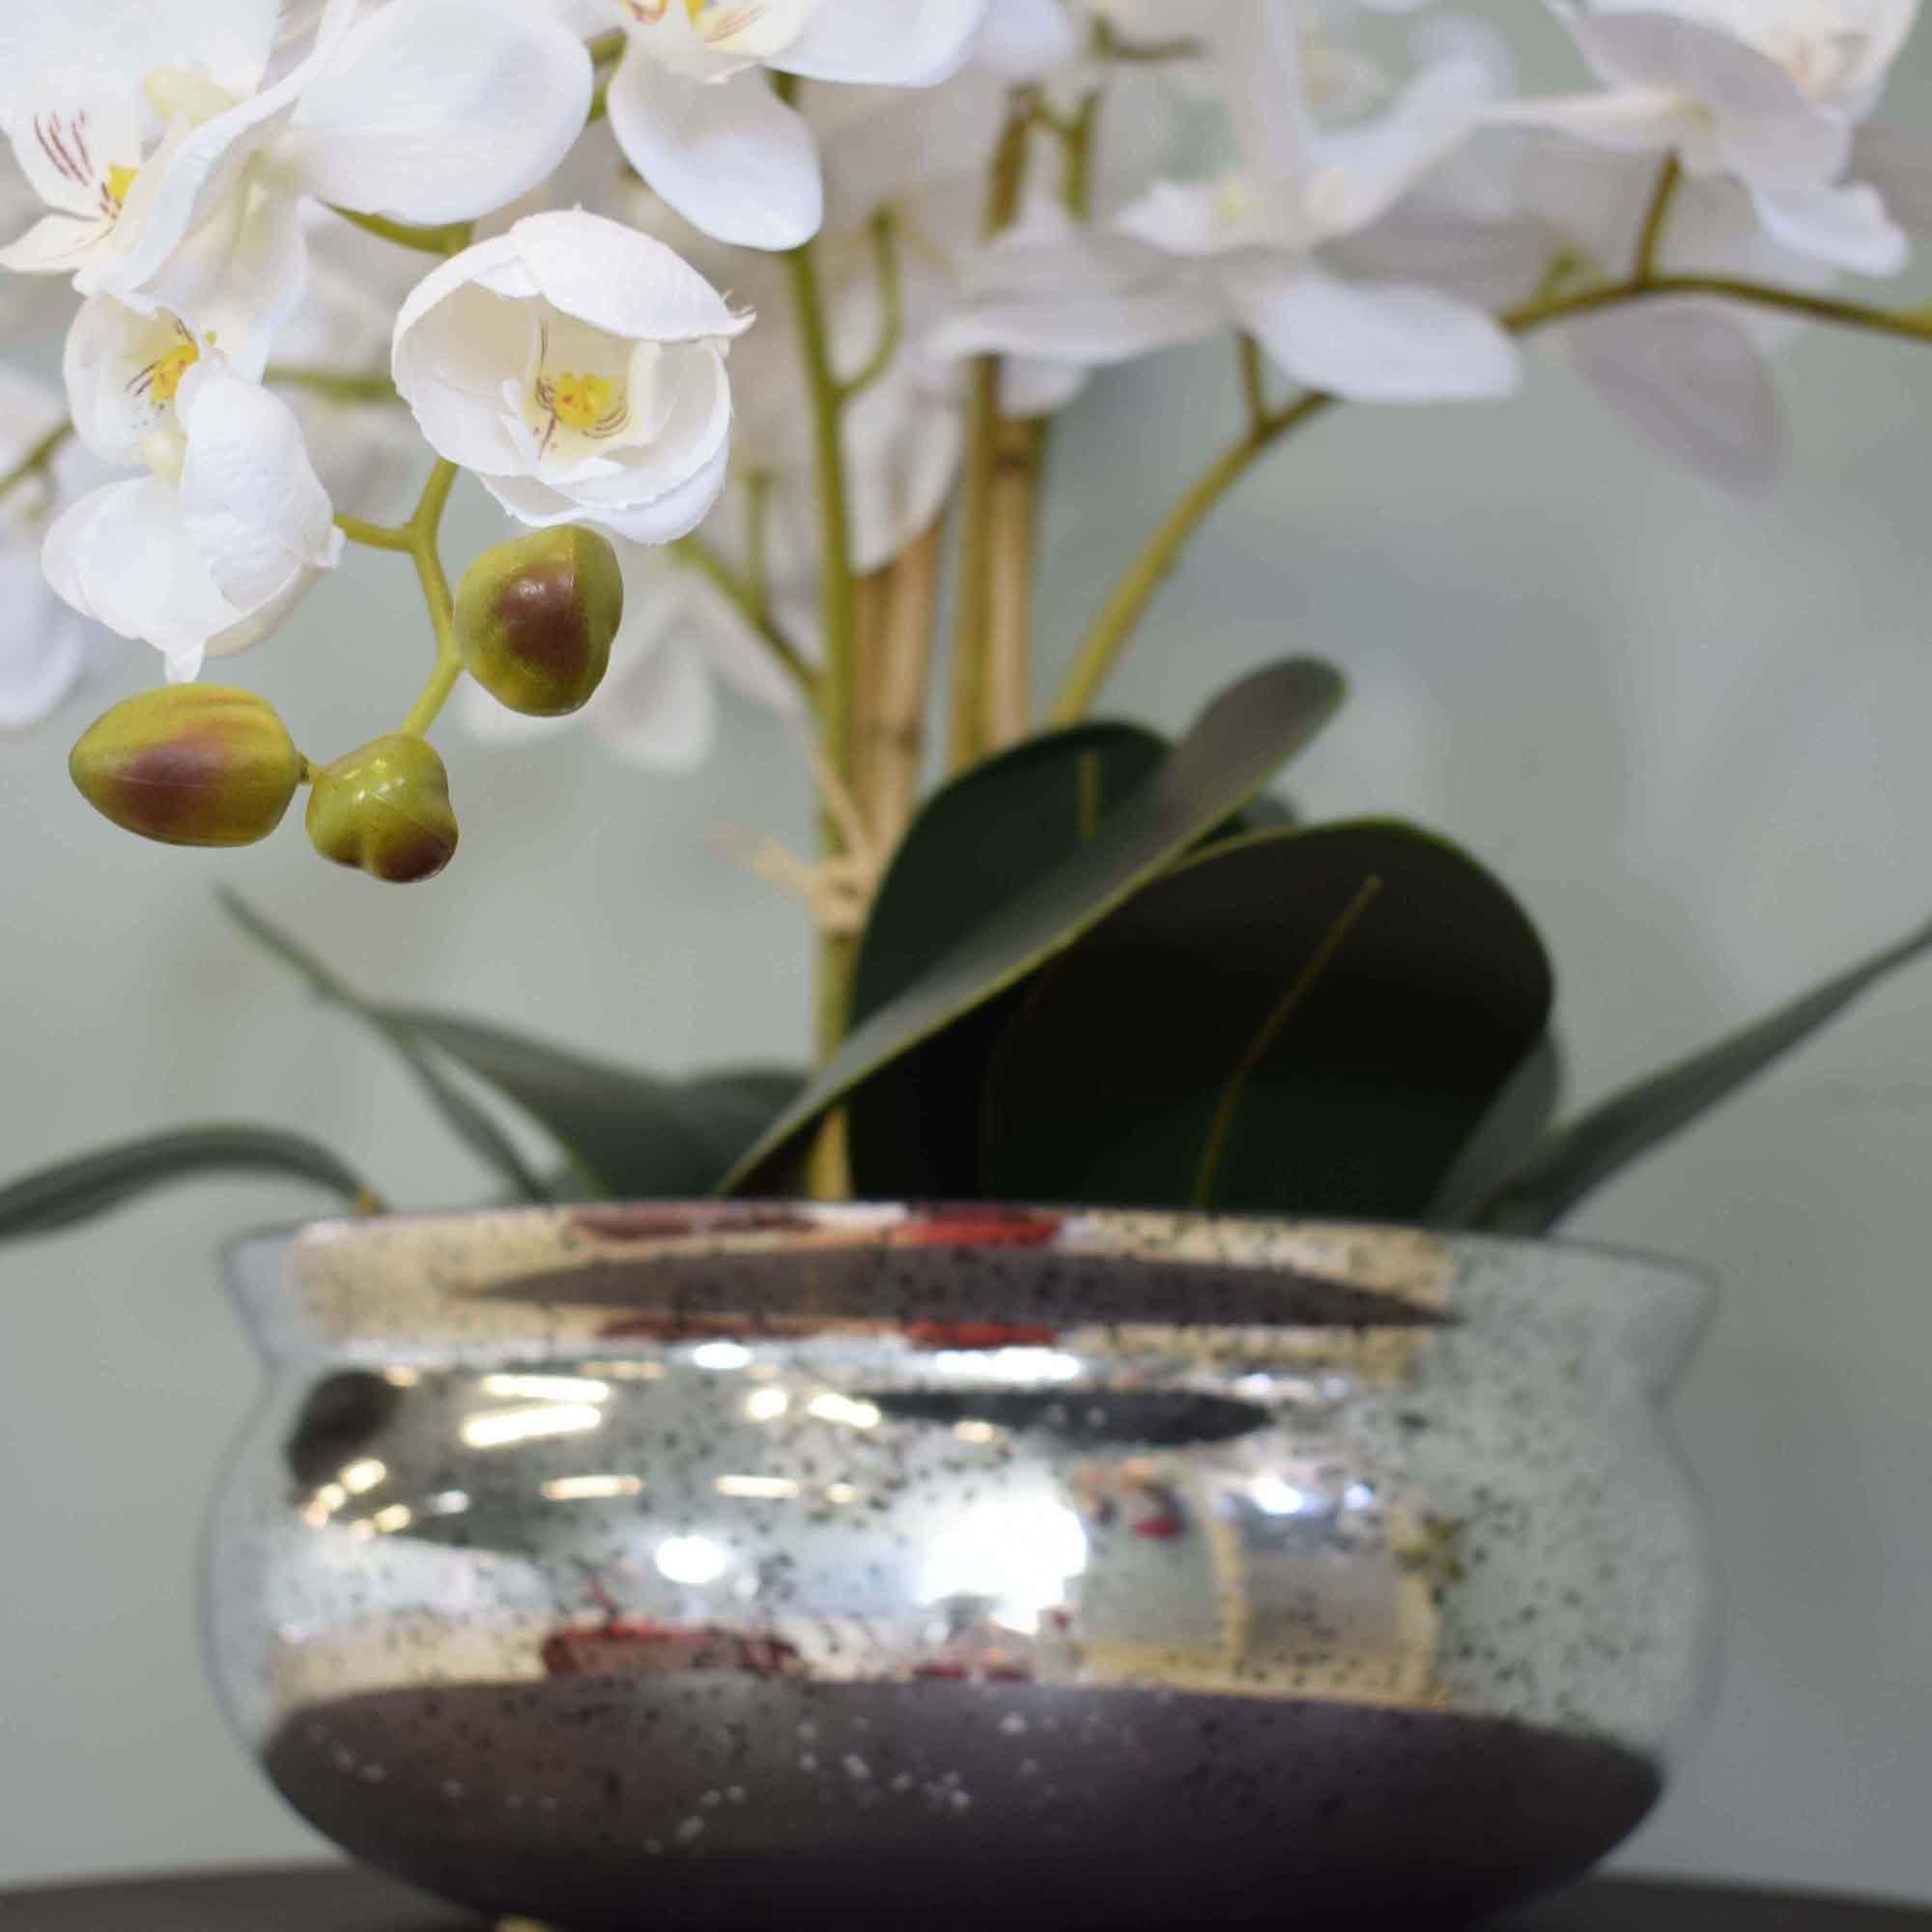 Flores artificiais Arranjo de Orquídeas Branco no Vaso Espelhado